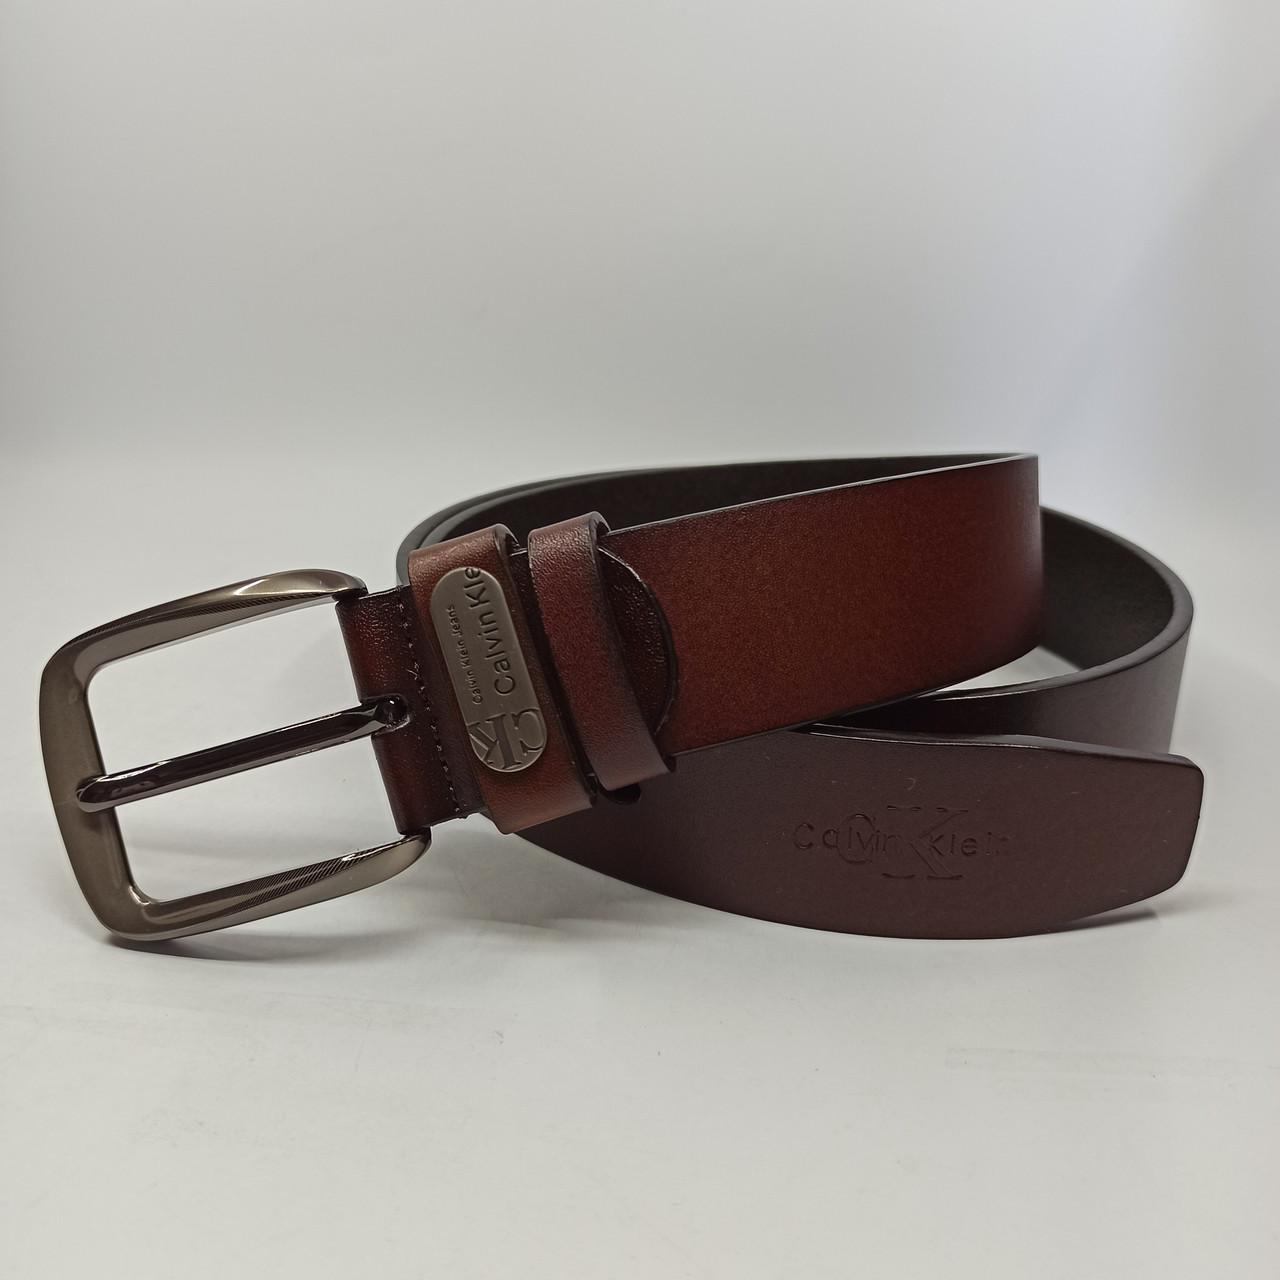 Шкіряний чоловічий ремінь/ Кожаный мужской ремень 02929 light-brown